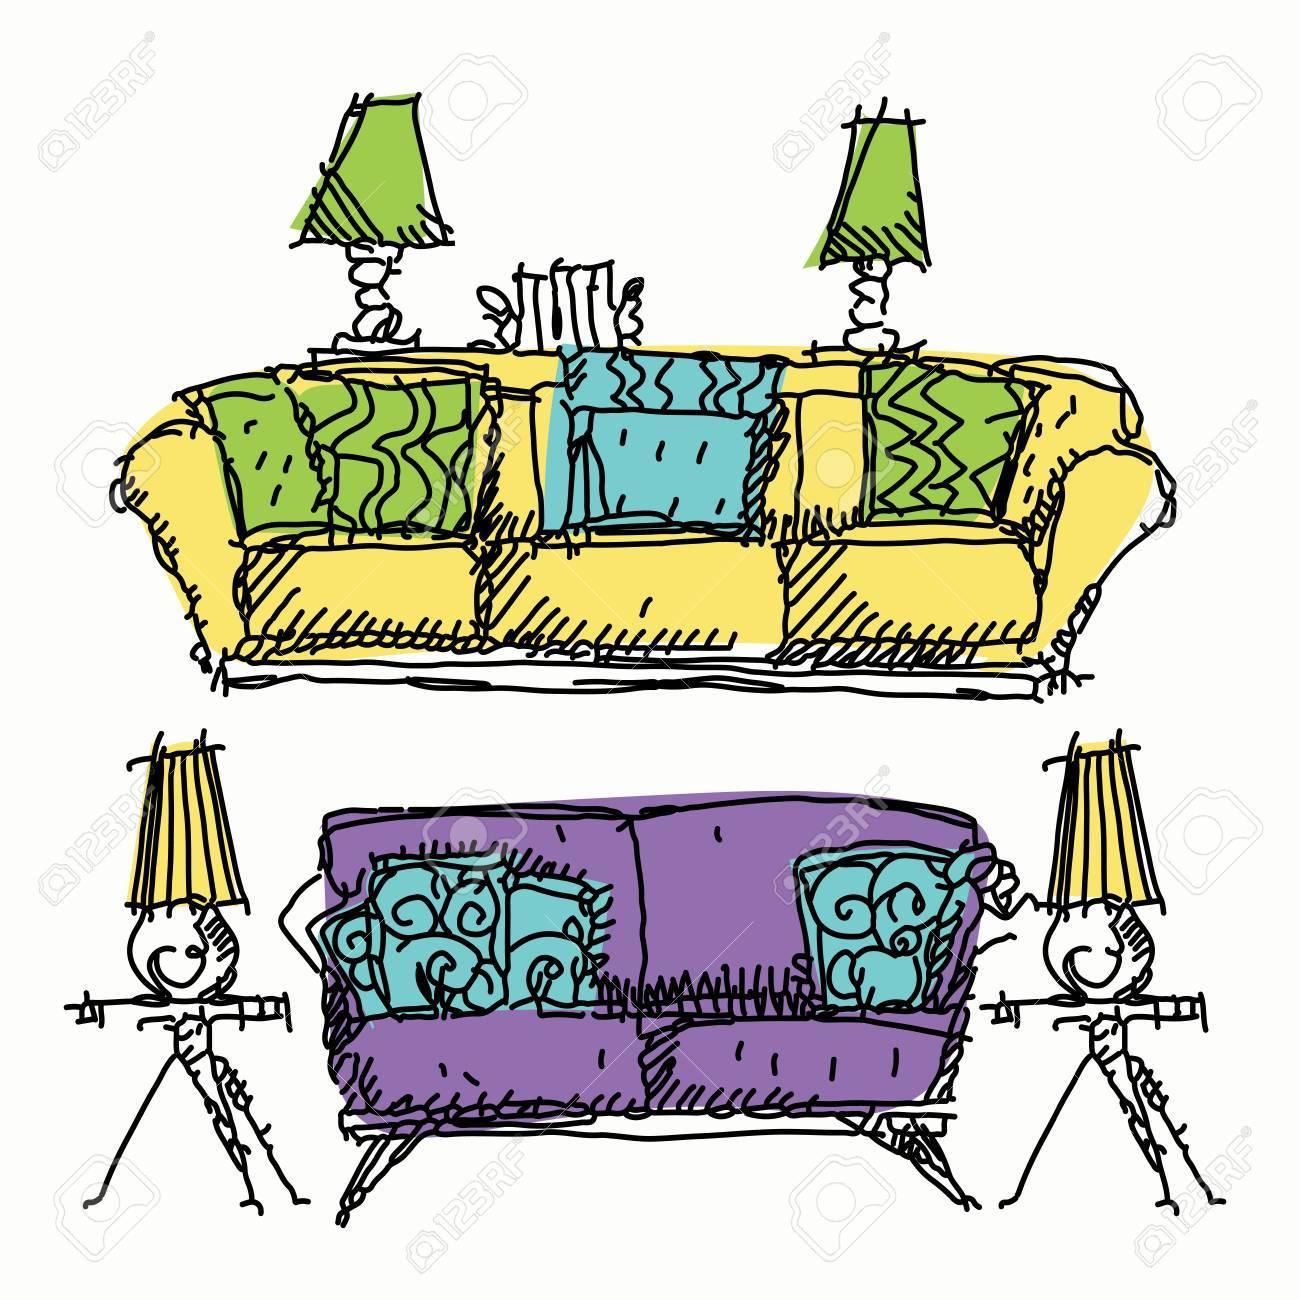 Zeitgenössische Möbel Kritzeleien Sofa In Andere Farbe. Lizenzfrei ...